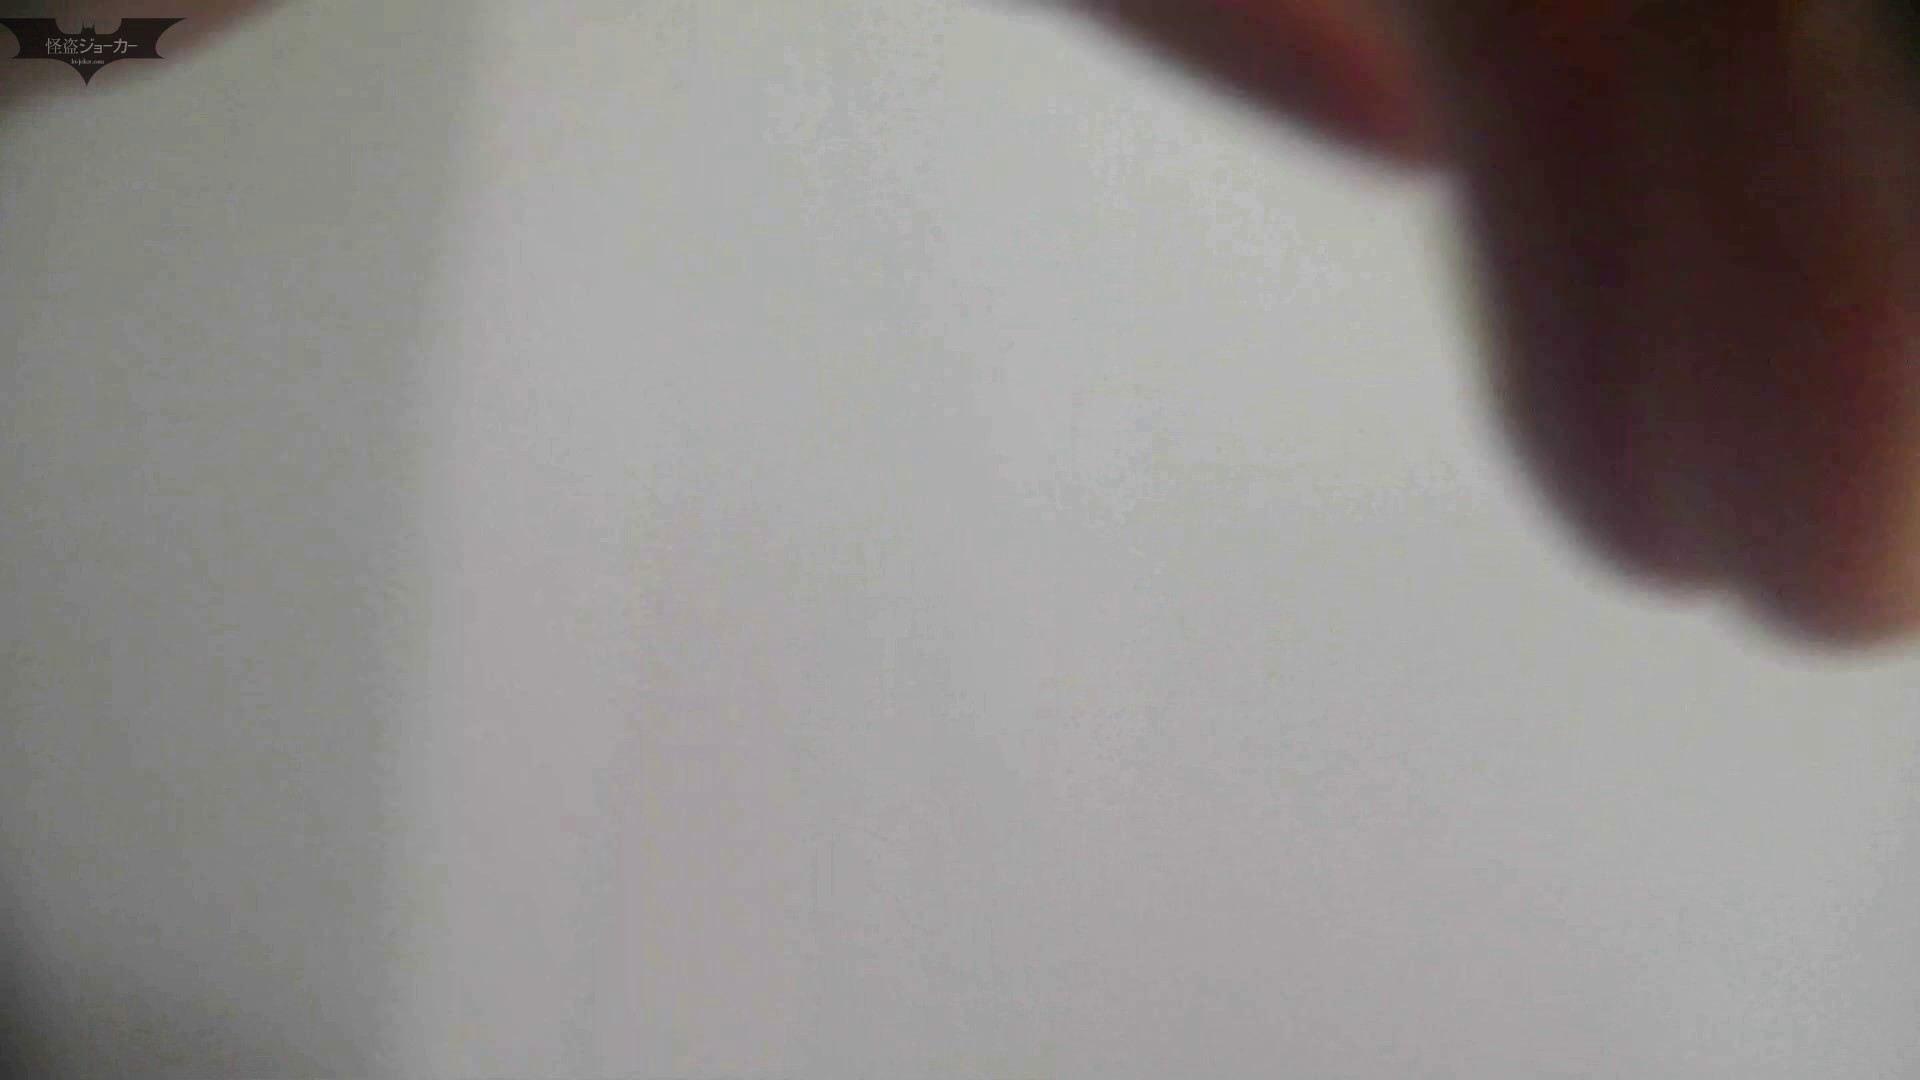 お銀さんの「洗面所突入レポート!!」 vol.53 冬到来!美女も到来! 美女達のヌード   洗面所着替え  91連発 51